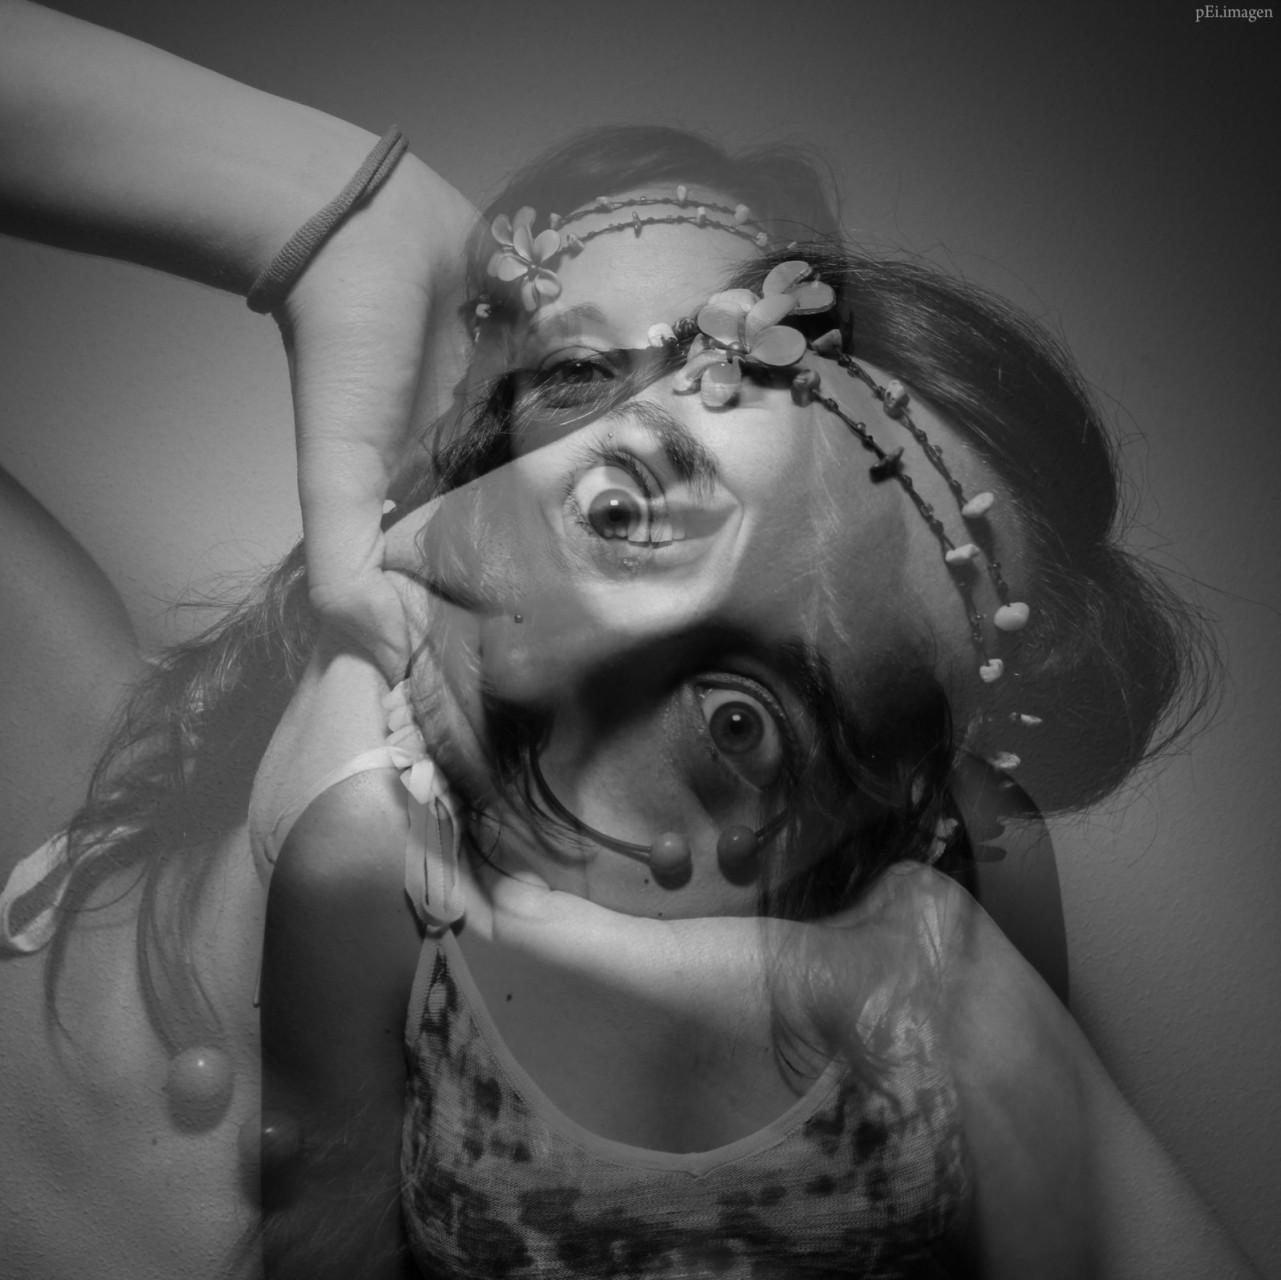 peipegata me myself I proyectos fotografia peipegatafotografia # 045 Olaya Hernandez